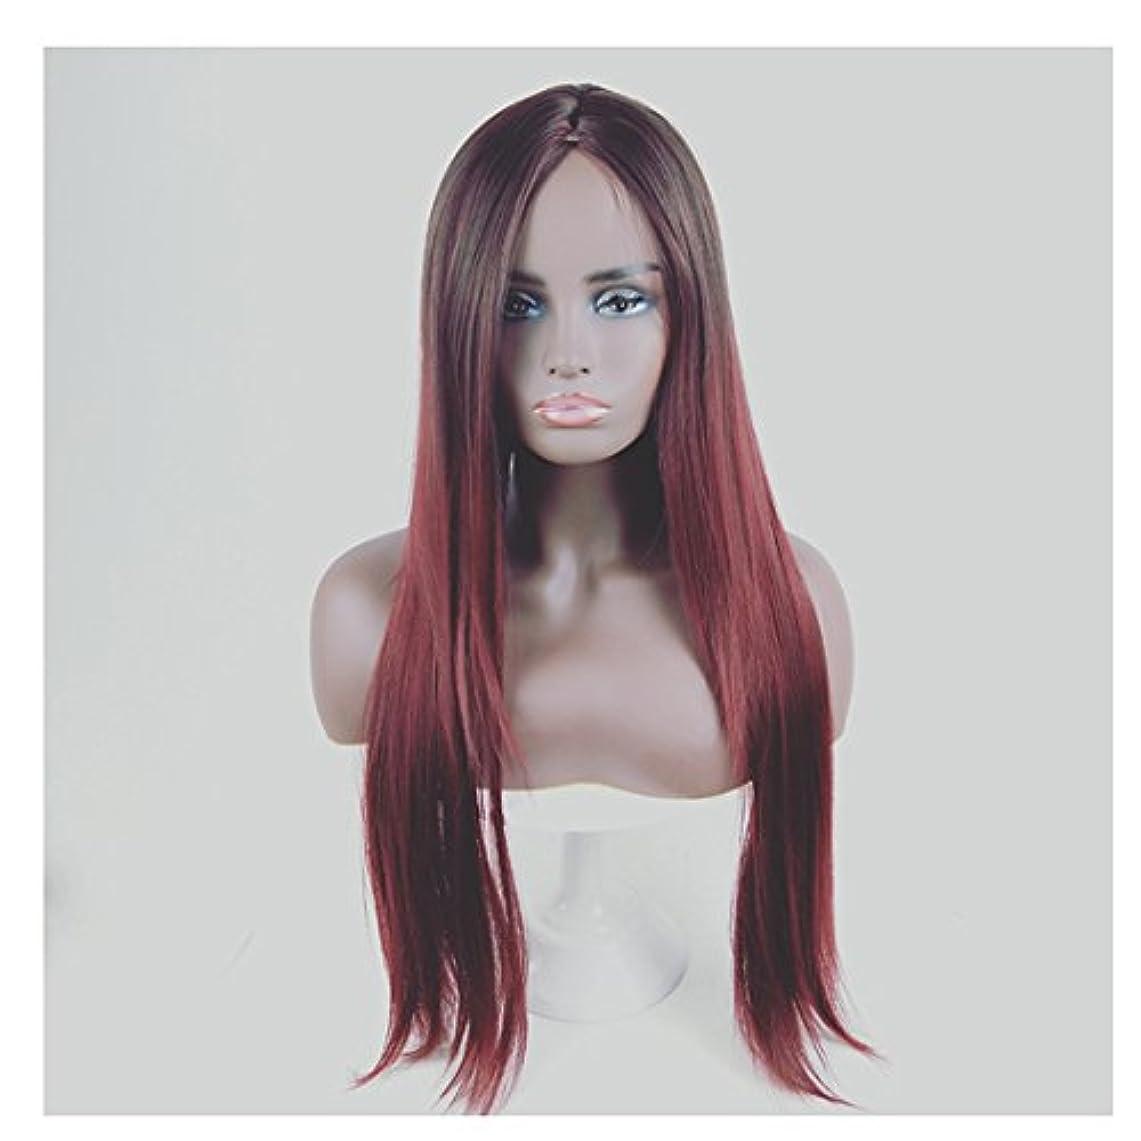 退却微生物短命JIANFU 合成 長い ストレート ヘア カラー グラデーション フル ウィッグ女性 ロングバンズ 耐熱 コスプレ/パーティー (Color : Black Gradient Wine Red)